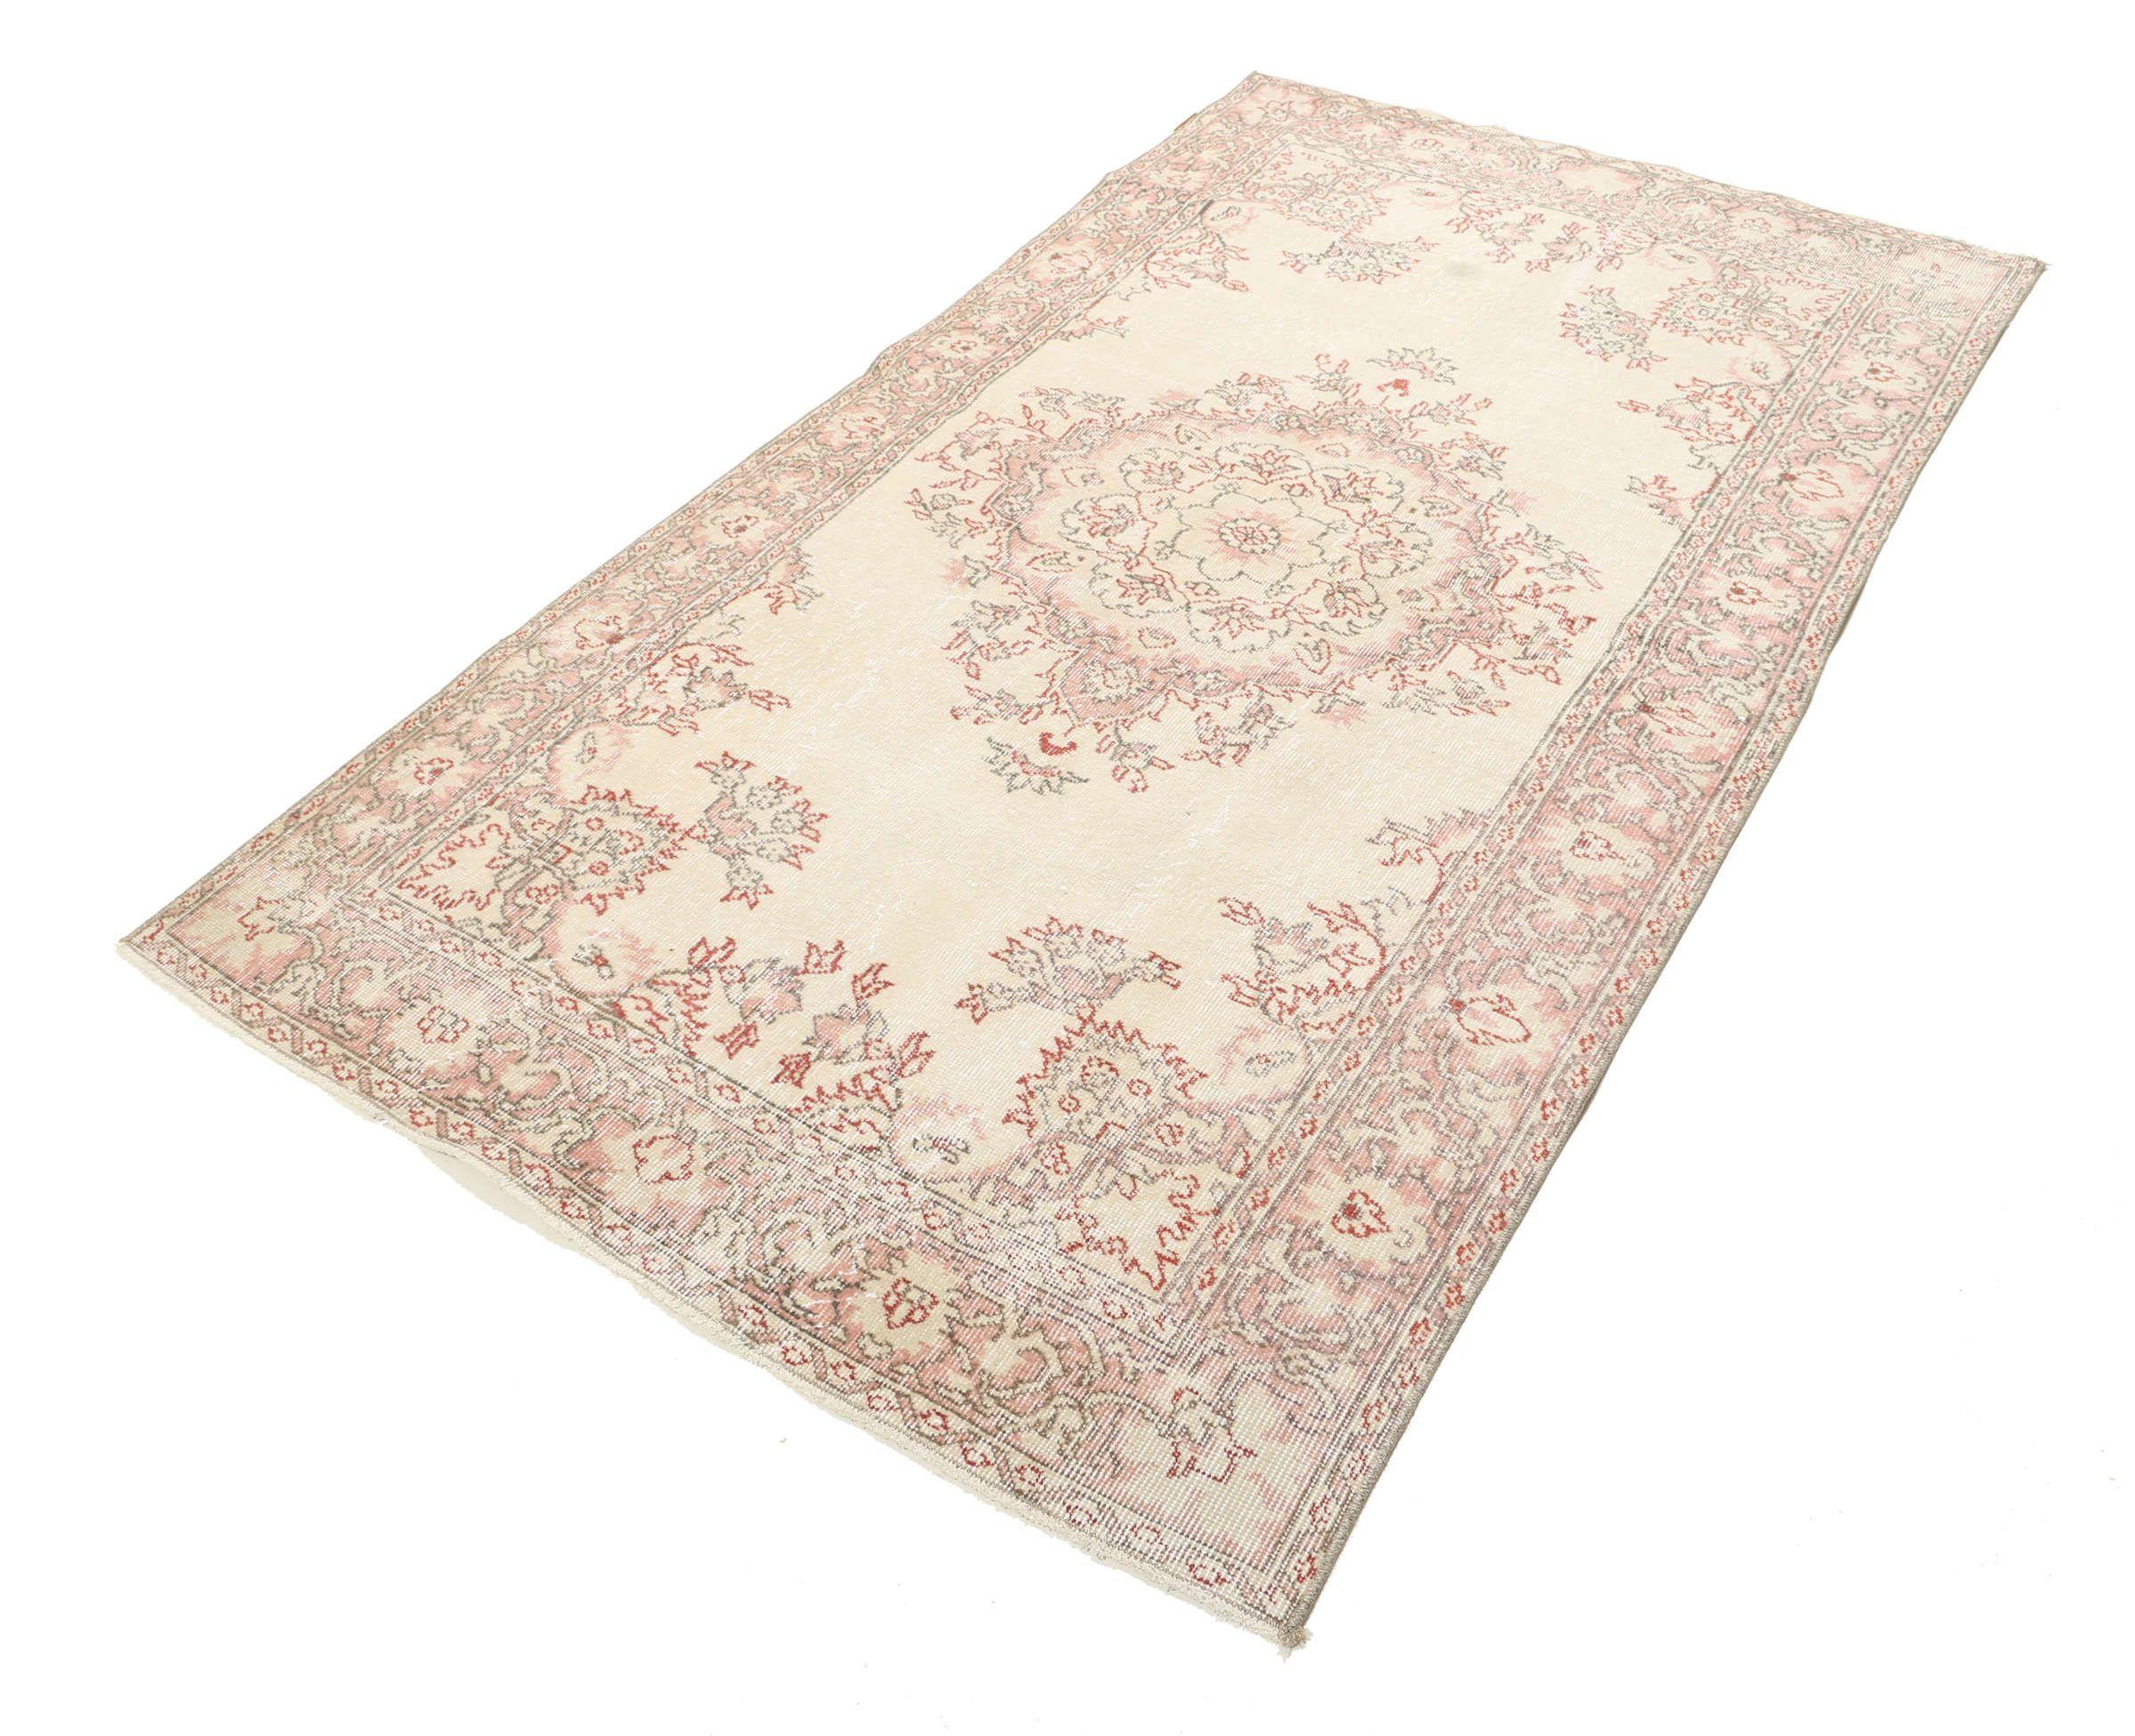 Colored Vintage mattor tillverkas av turkiska mattor som är minst 20-50 år gamla.  Varje matta är noggrant utvald och går igenom en unik process där färgerna neutraliseras före mattan blir omfärgad i en ny spännande färg.